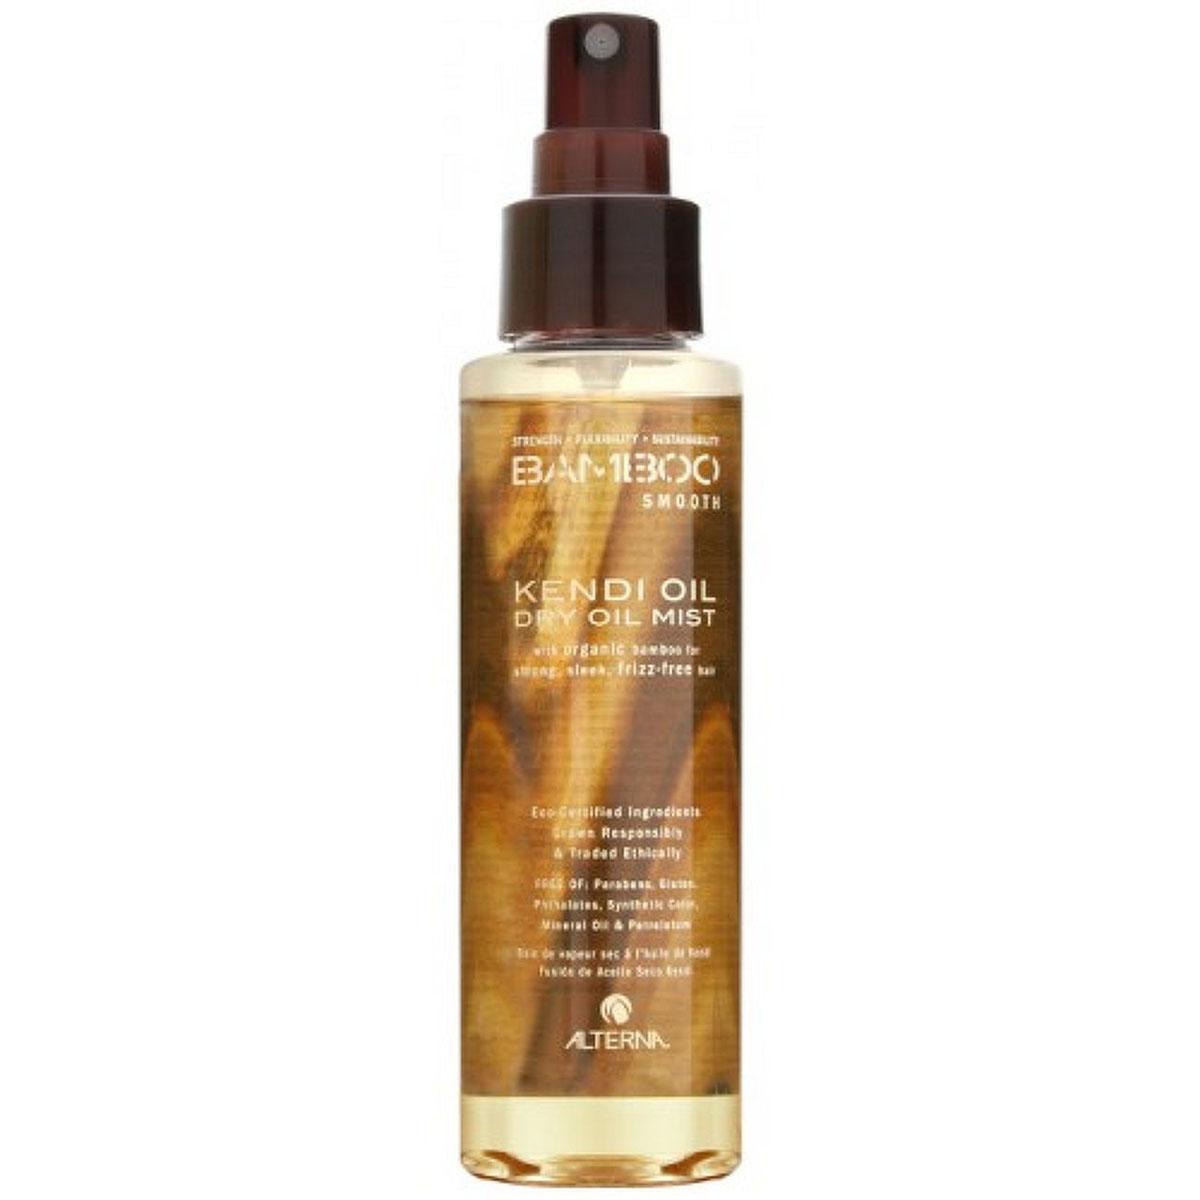 Alterna Невесомое масло-спрей для ухода за волосами Bamboo Smooth Kendi Dry Oil Mist - 125 млA8726300Масло Кенди, входящее в состав Alterna Bamboo Smooth Kendi Dry Oil Mist, помогает разгладить волосы и устранить их пушистость. Обладает термозащитой, так же используется для продления срока действия процедуры выпрямления волос. Результат: Alterna Bamboo Smooth Kendi Dry Oil Mist насыщает волосы питательными веществами и антиоксидантами. Укрепляет волосы. Благодаря технологии Color Hold обеспечивает защиту цвета волос. Предотвращает запутывание, пушистость и завивание волос. Увеличивает срок действия процесса по выпрямлению и выравниванию волос. Обладает влагостойкими свойствами. Усиливает блеск волос.